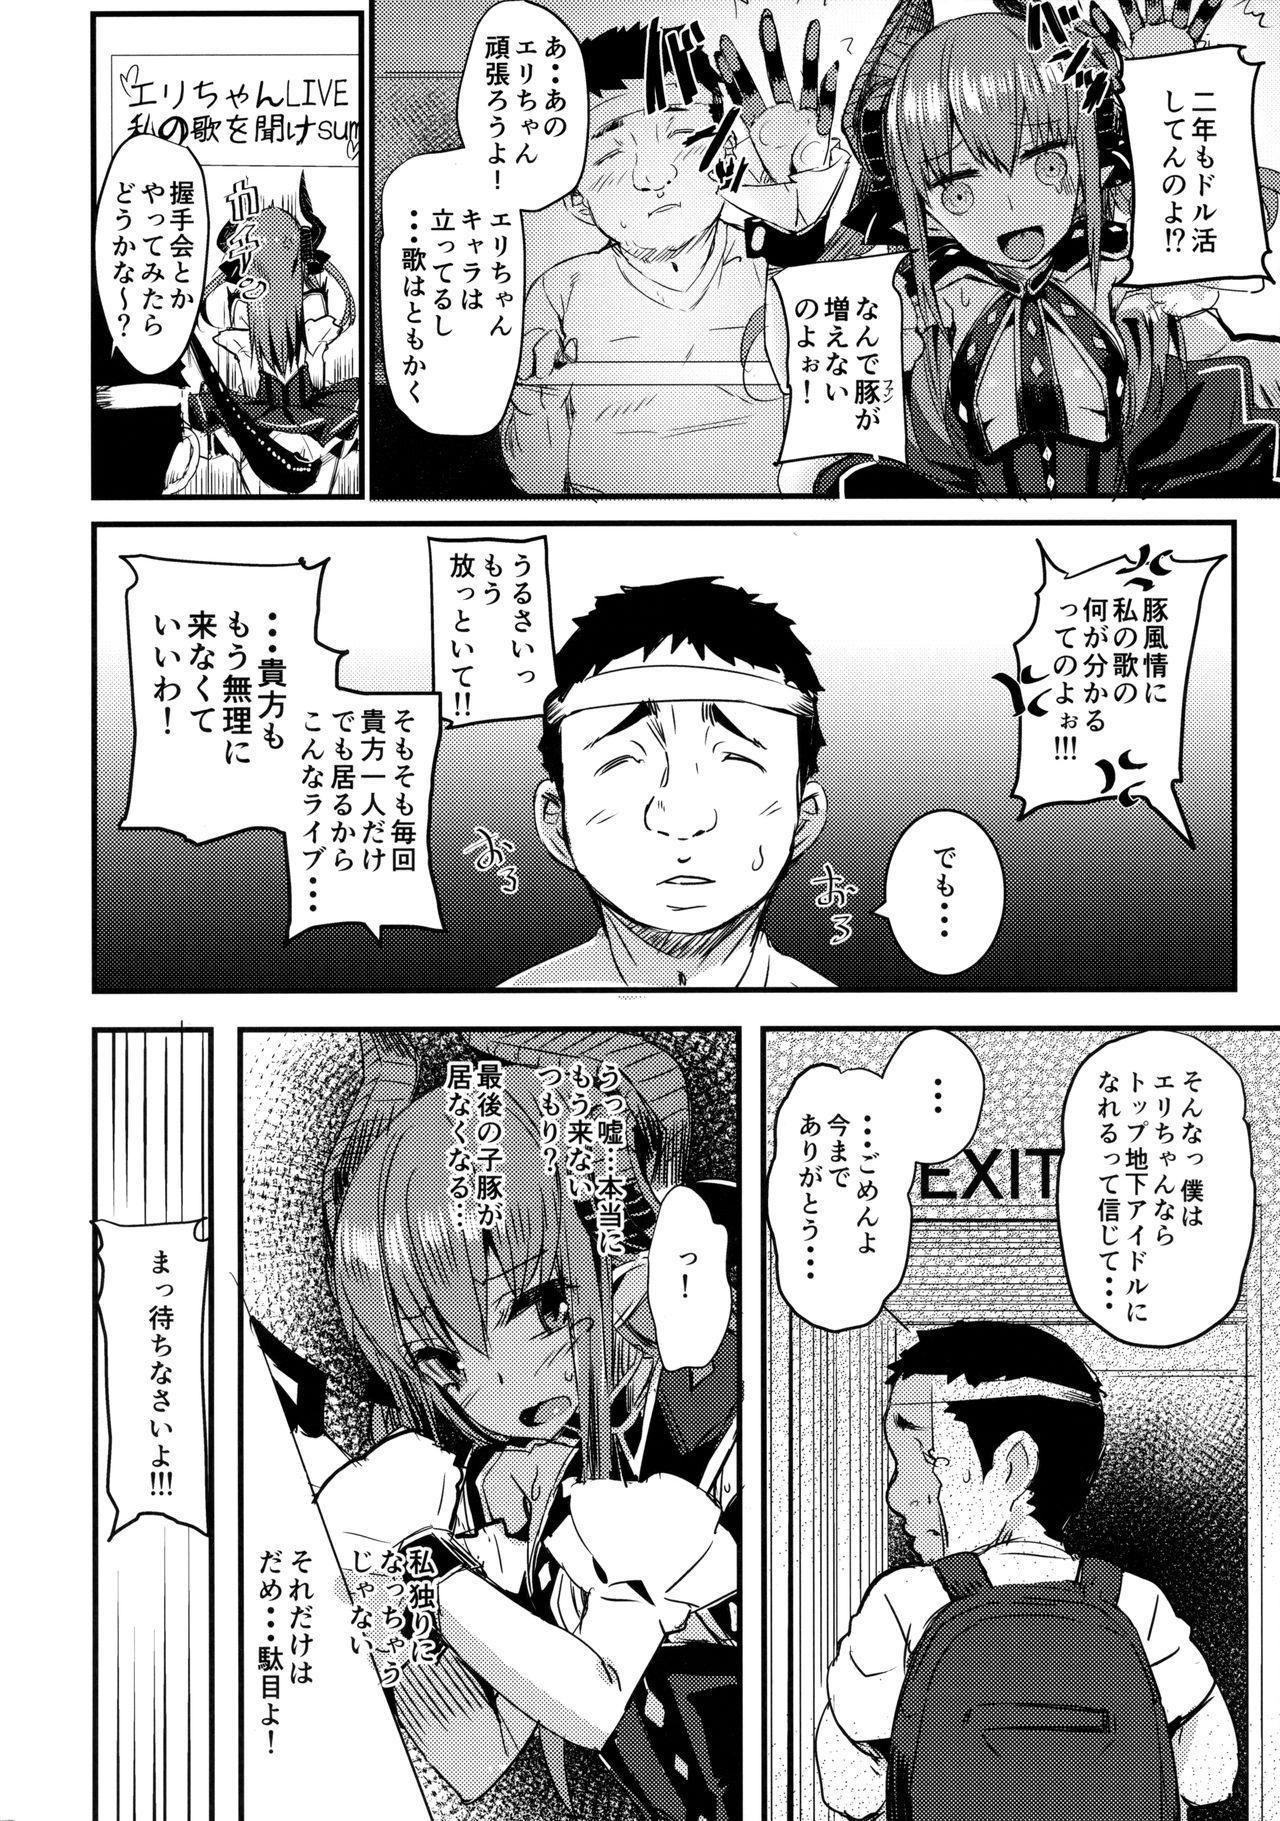 Dragon Idol Eli-chan no Aku Shikyuukaijou wa Kochira 2